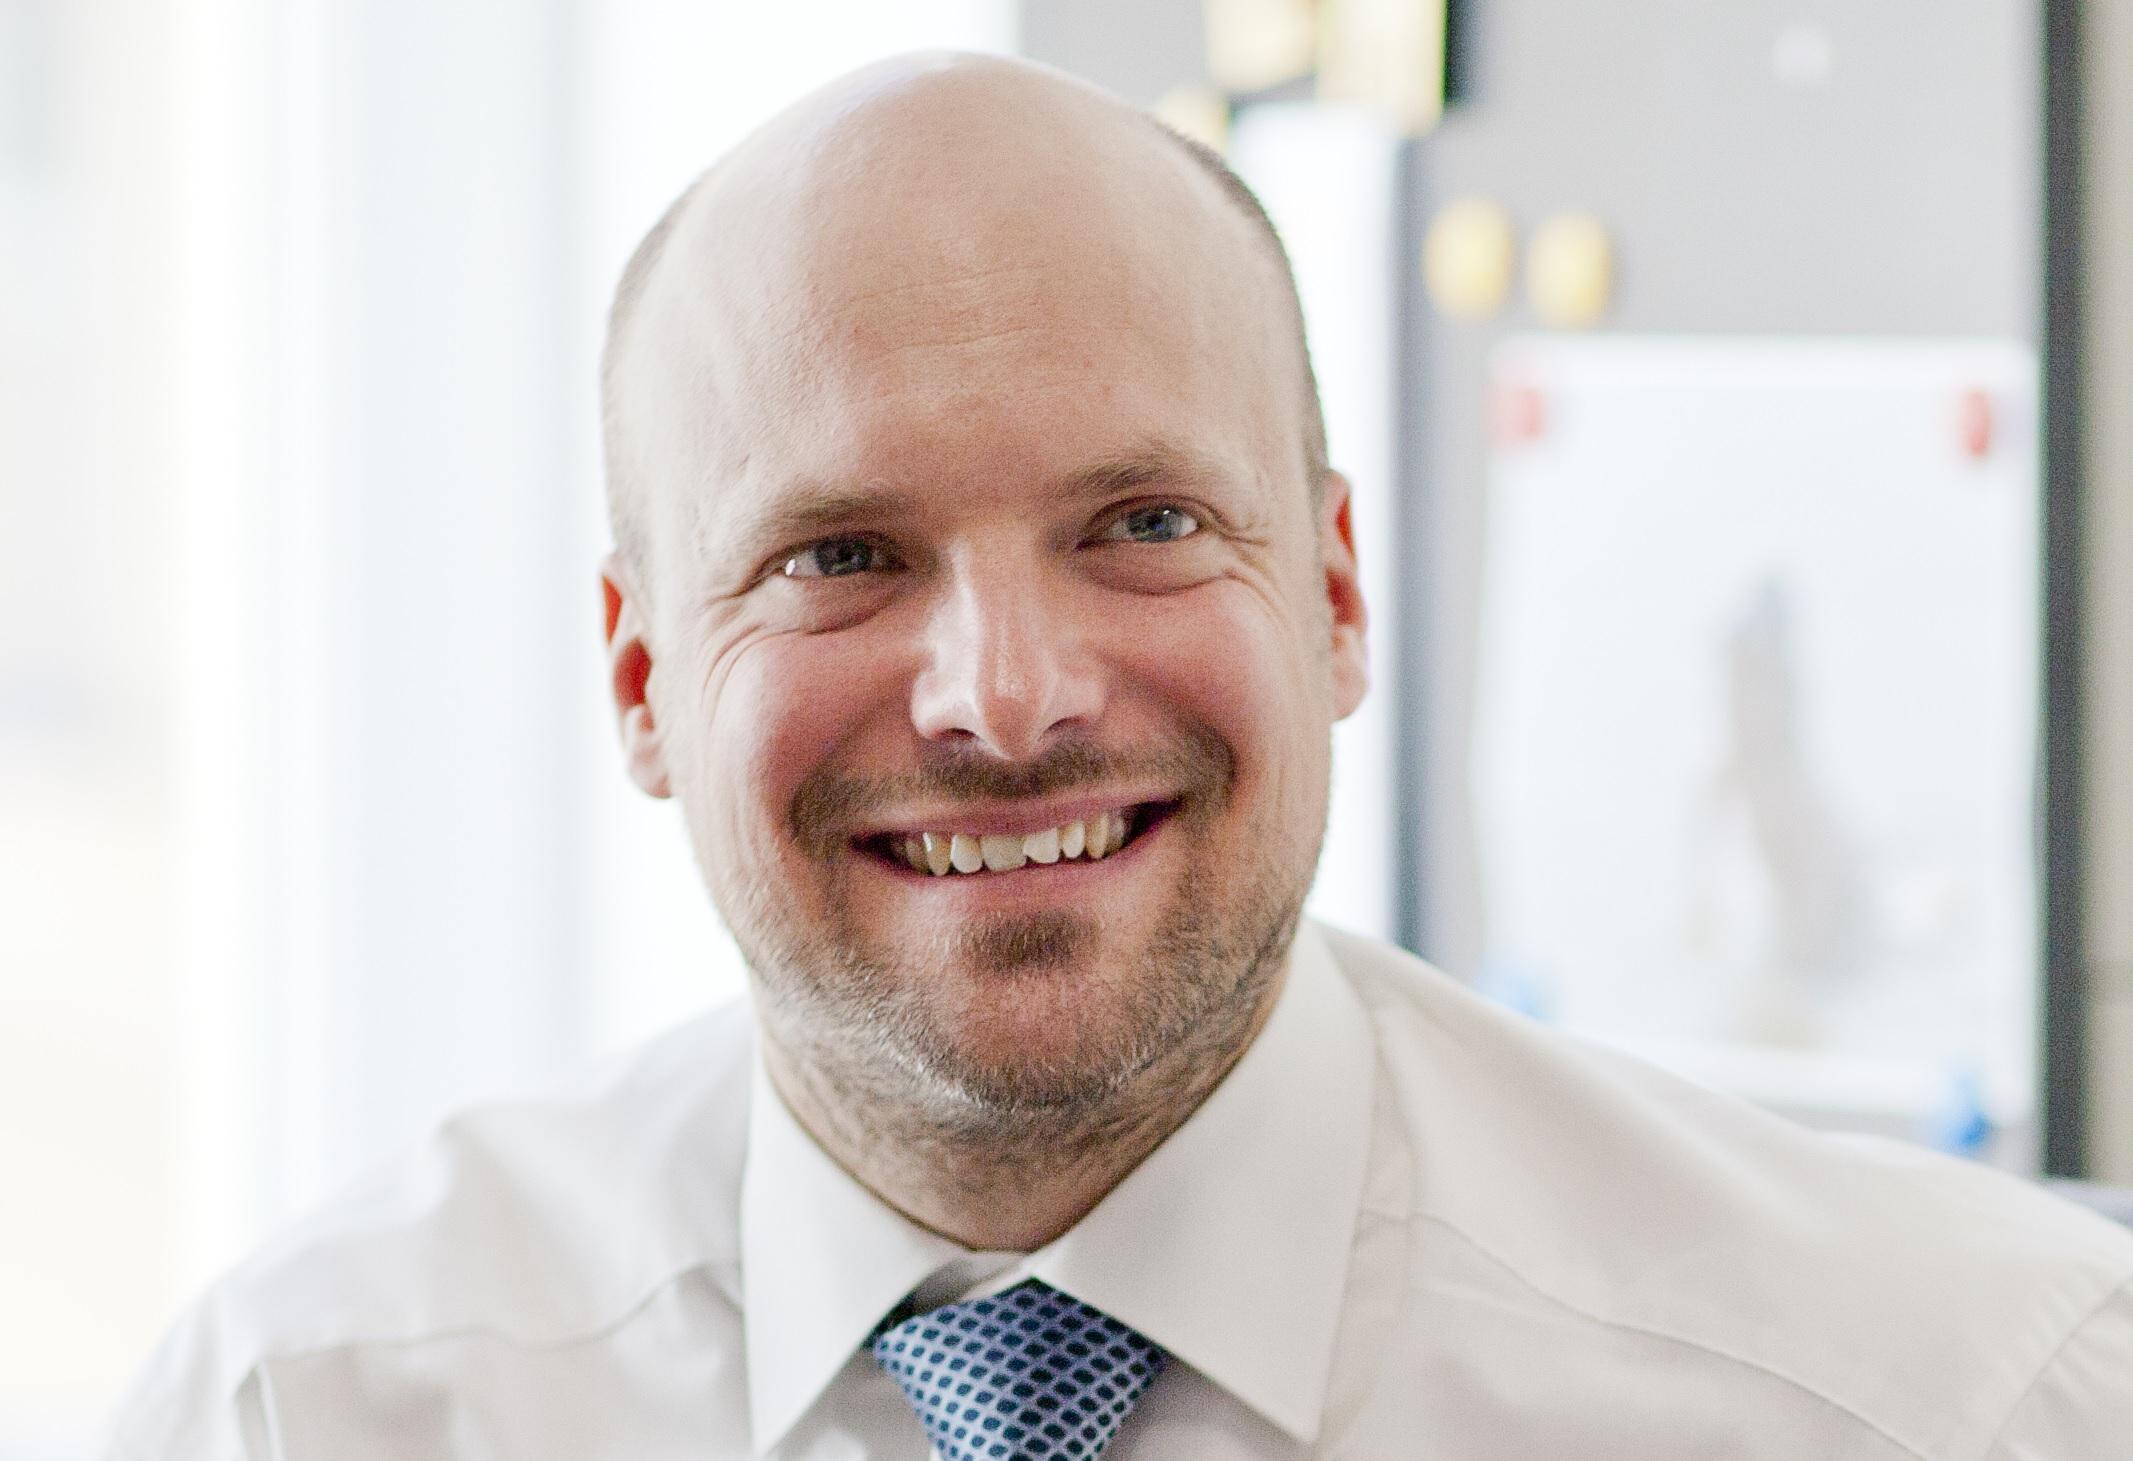 Benedikt Gritschneder